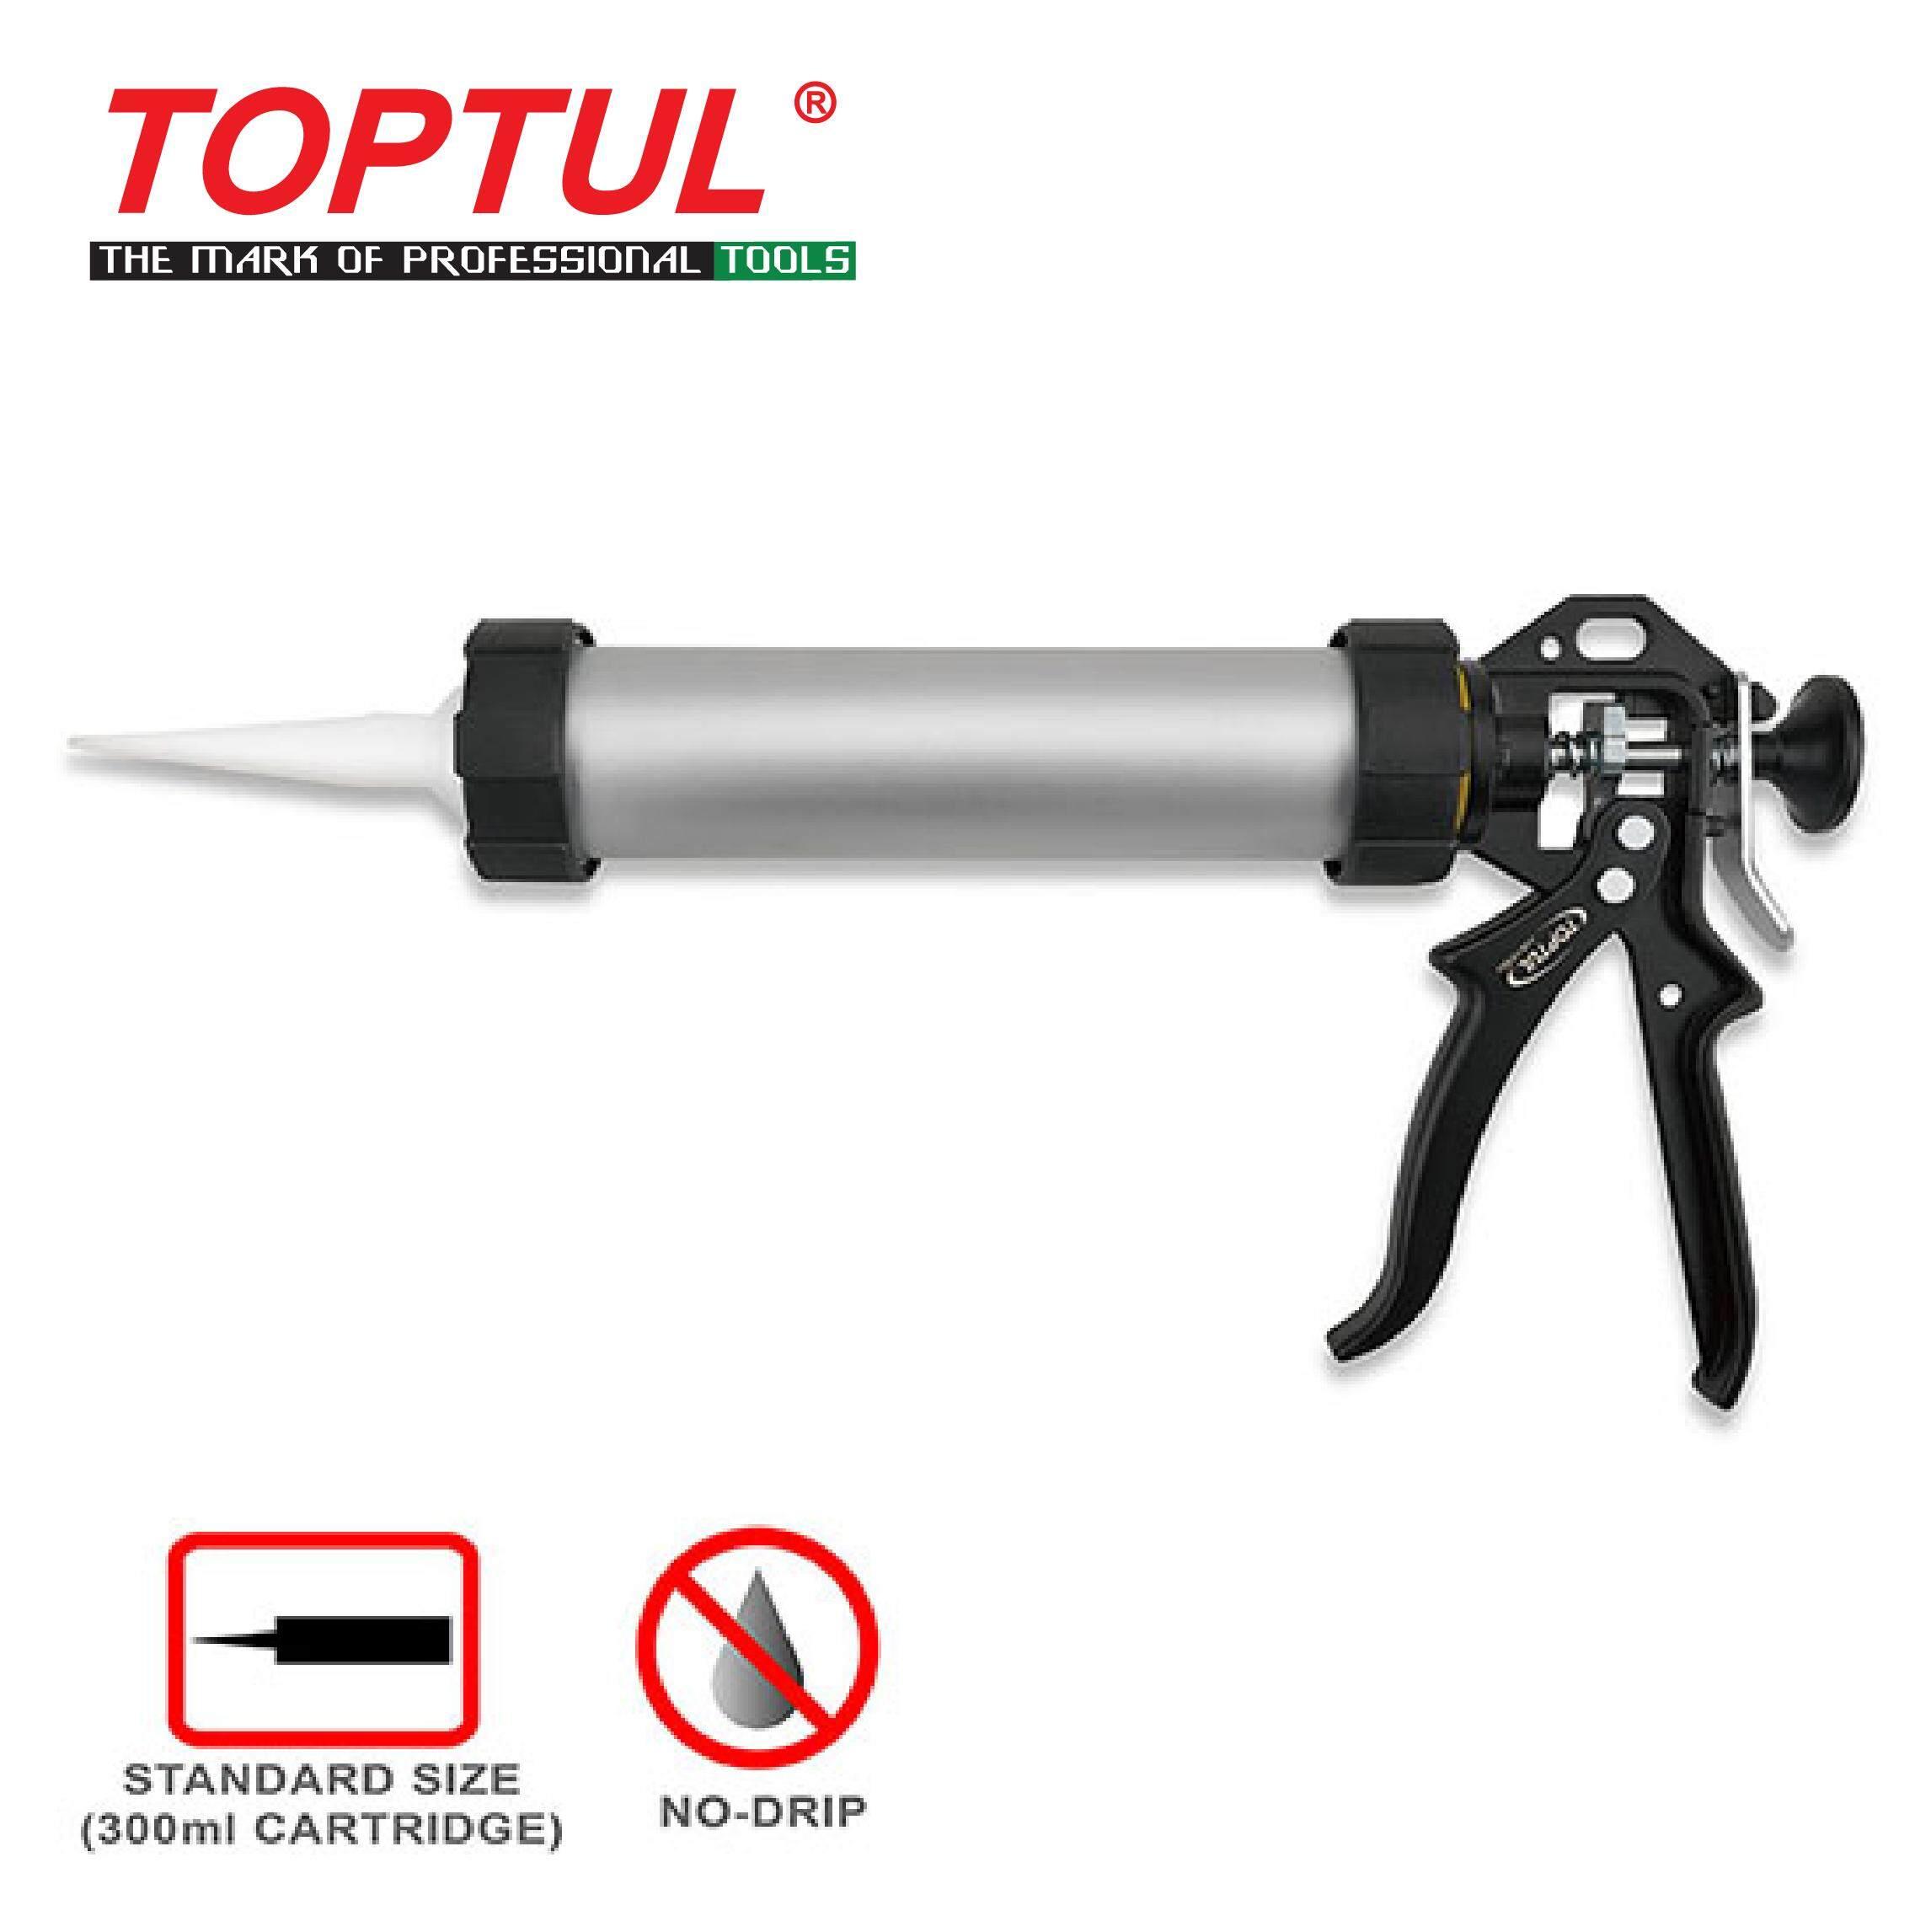 TOPTUL Aluminum Tube Caulking Gun (JJAY0904)